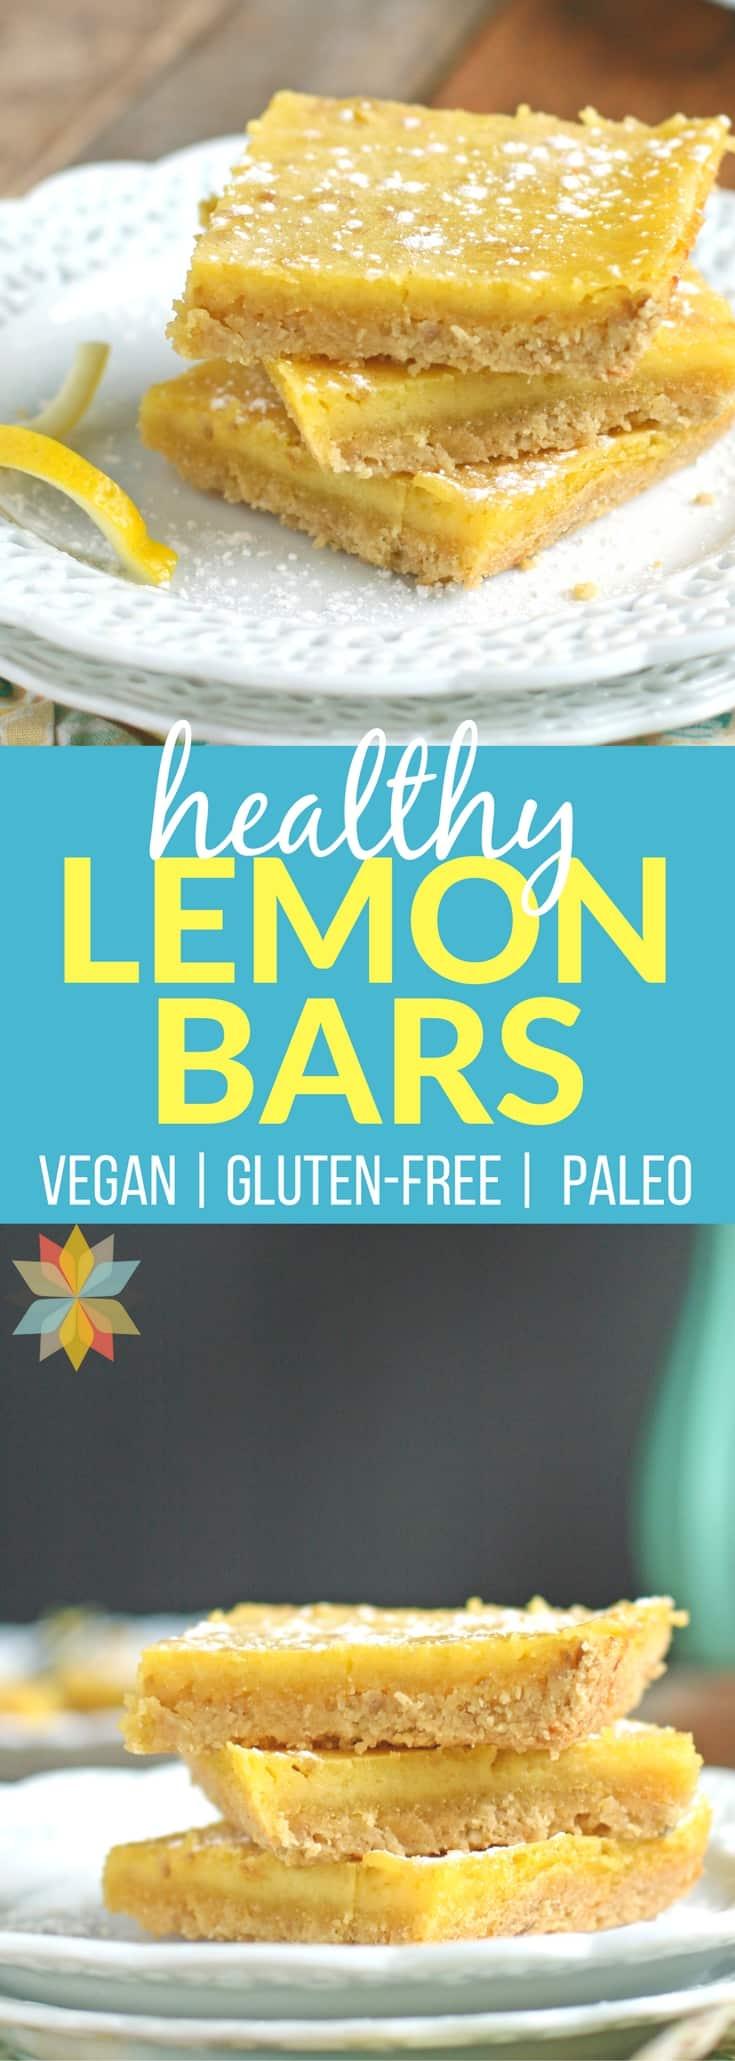 Healthy Paleo Lemon Bars - Gluten-free Lemon Bars